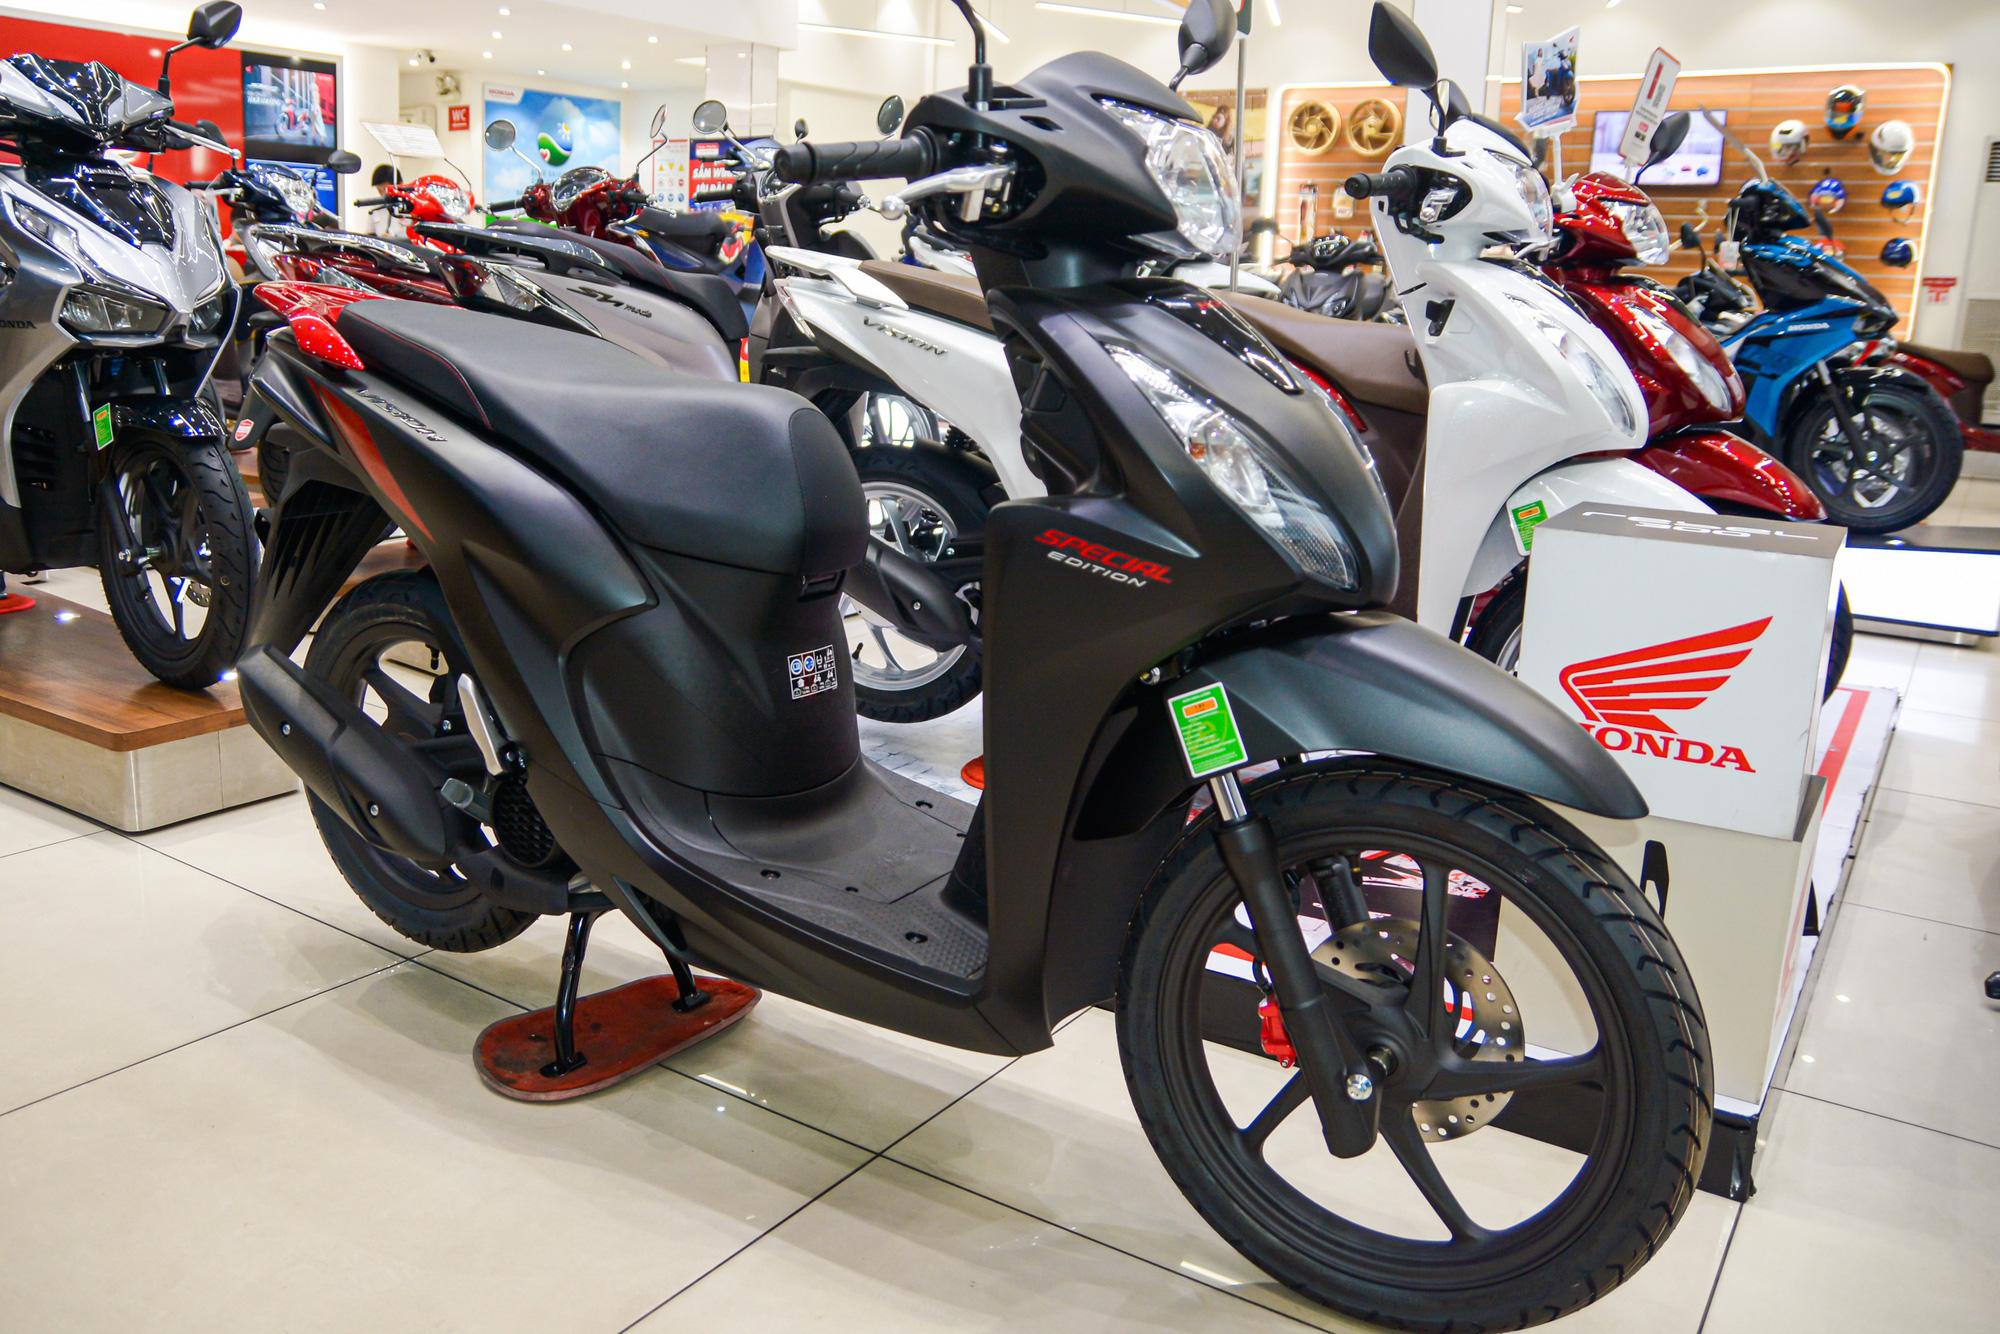 Honda Vision phiên bản mới tiếp tục bị tăng giá bán - Ảnh 3.